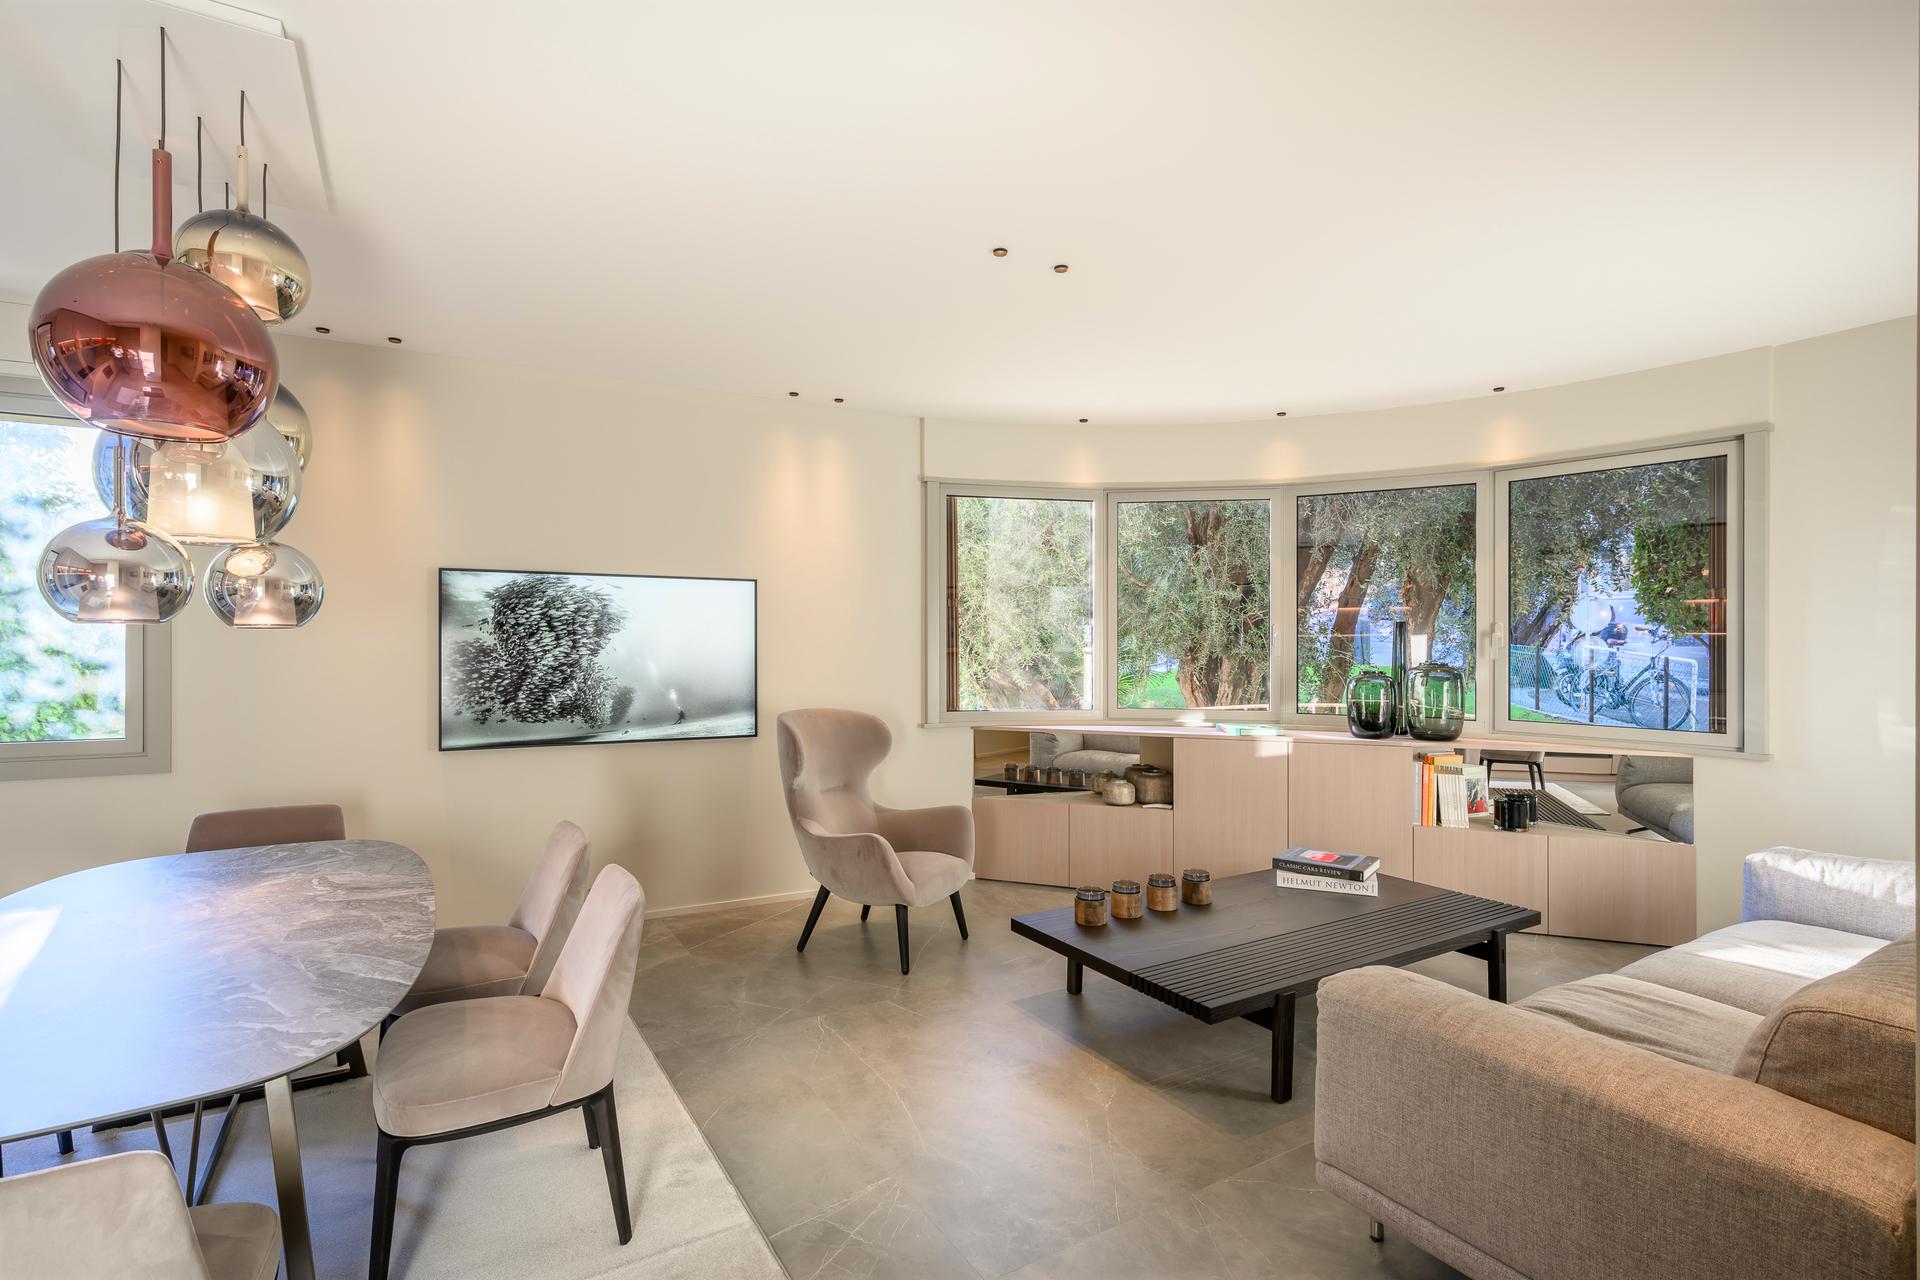 Bellissimo appartamento di 3 locali lussuosamente ristrutturato - Uffici in vendita a MonteCarlo